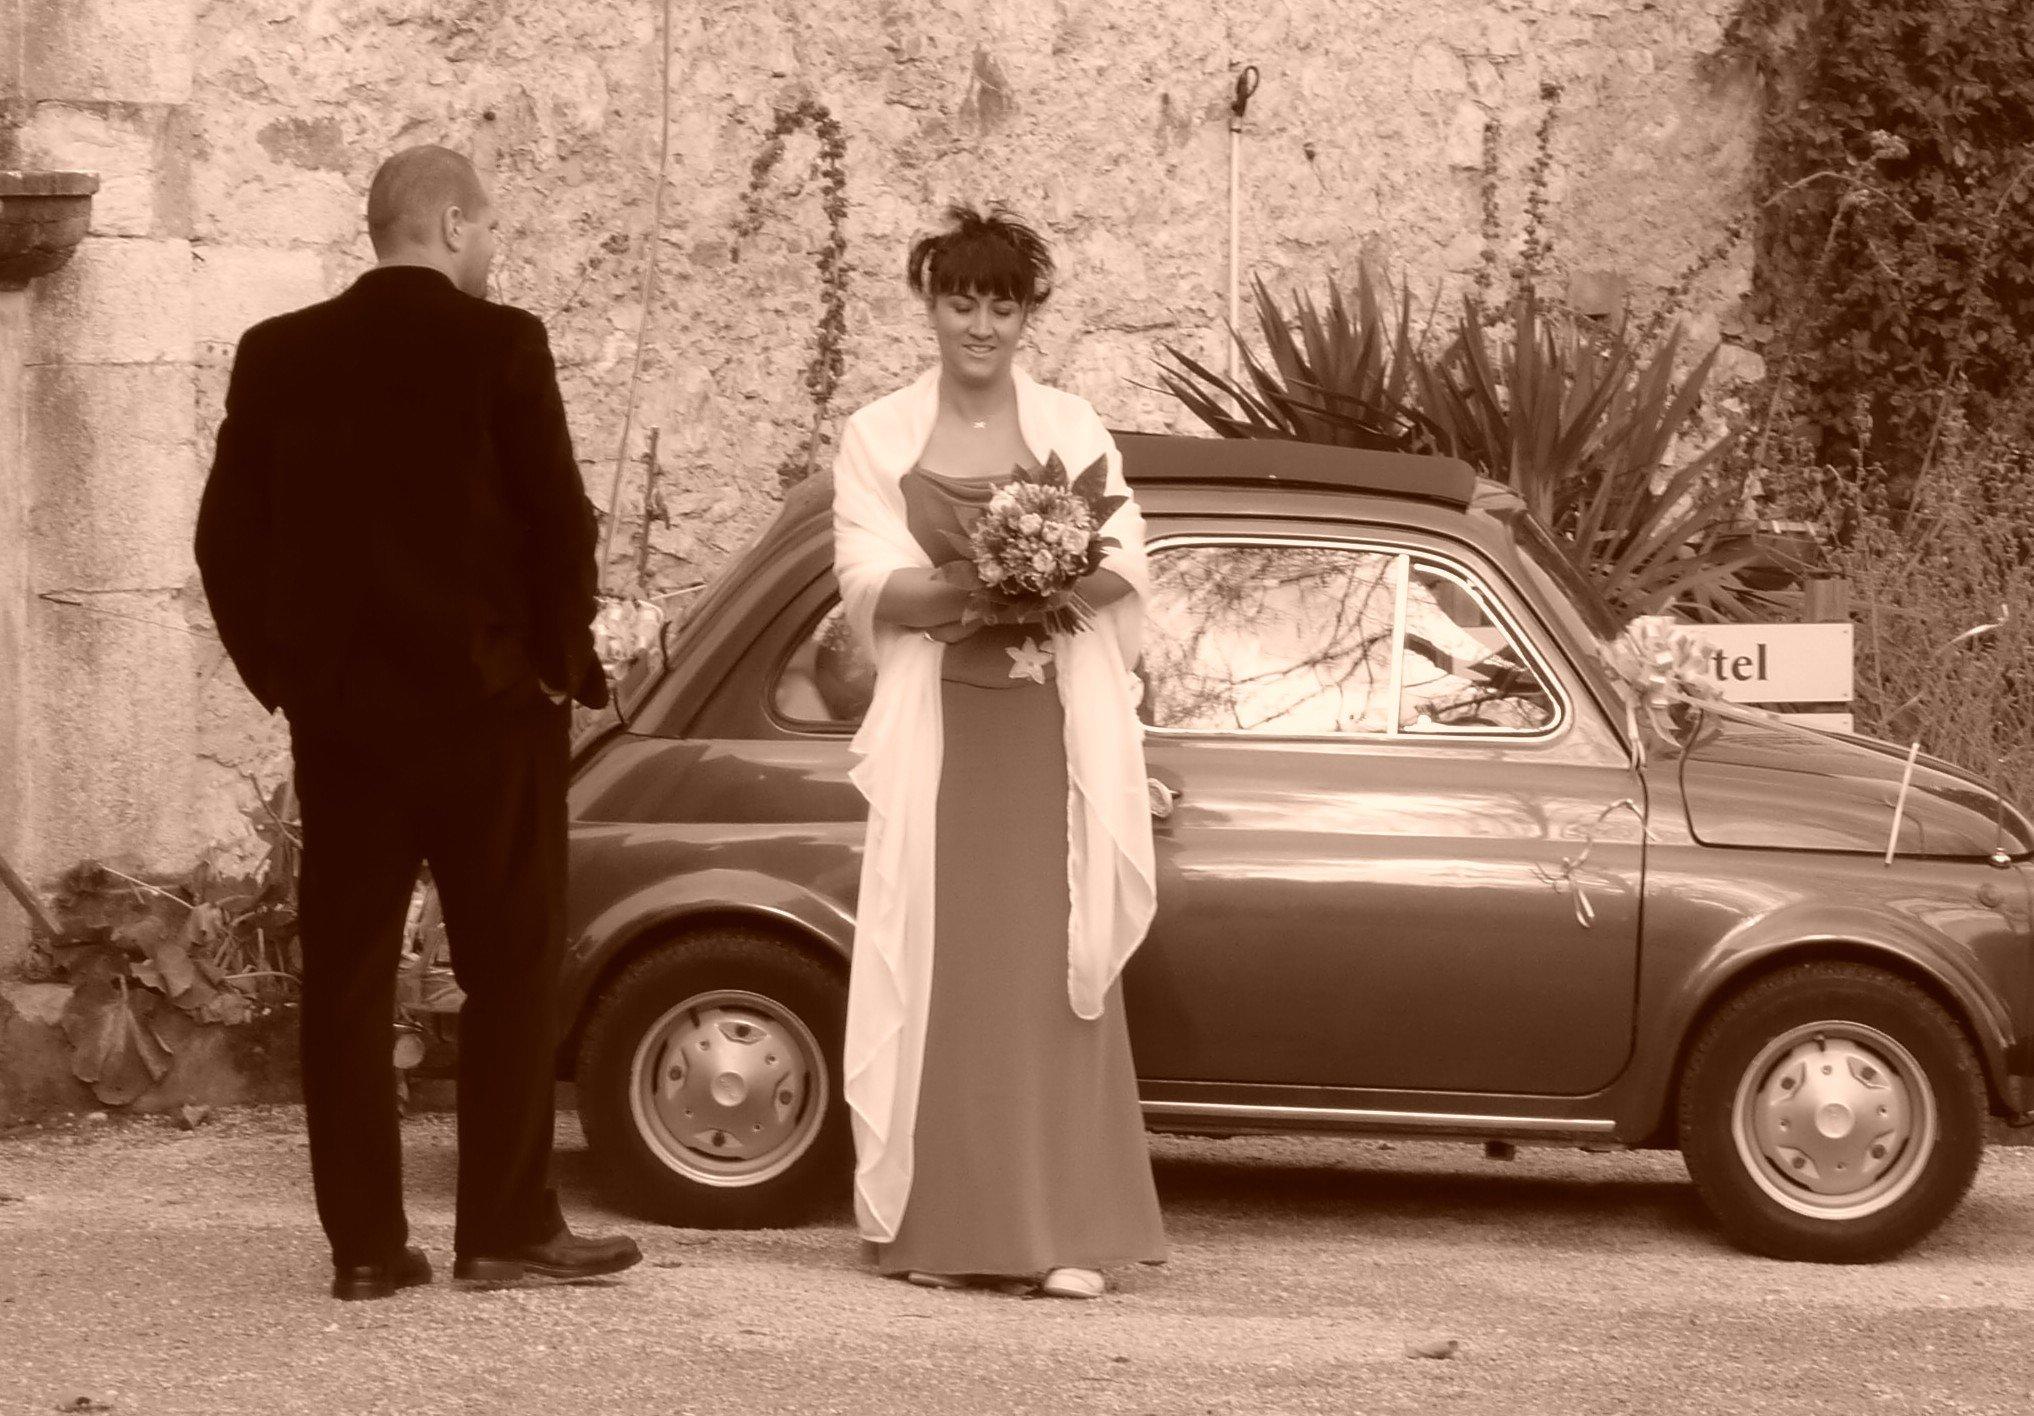 nous pouvons louer notre fiat 500 pour votre mariage ou autres ftes - Location Fiat 500 Mariage